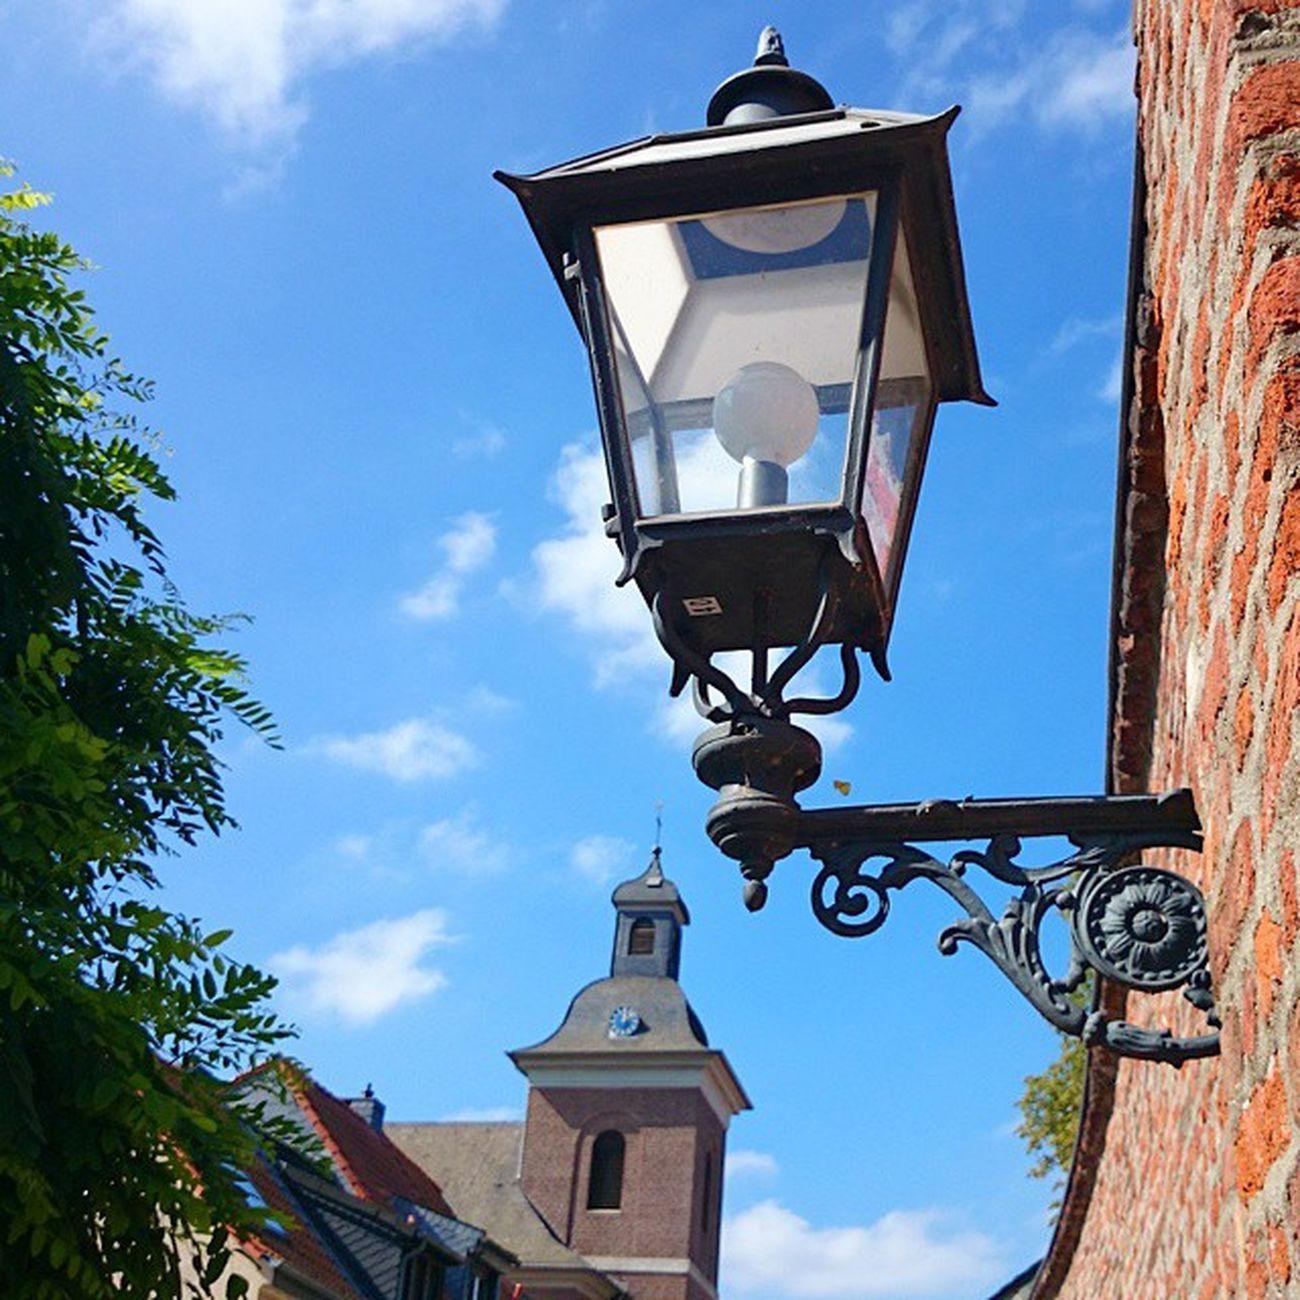 Linn, Linn und nochmal Linn. Linn Krefeld KrefeldLinn